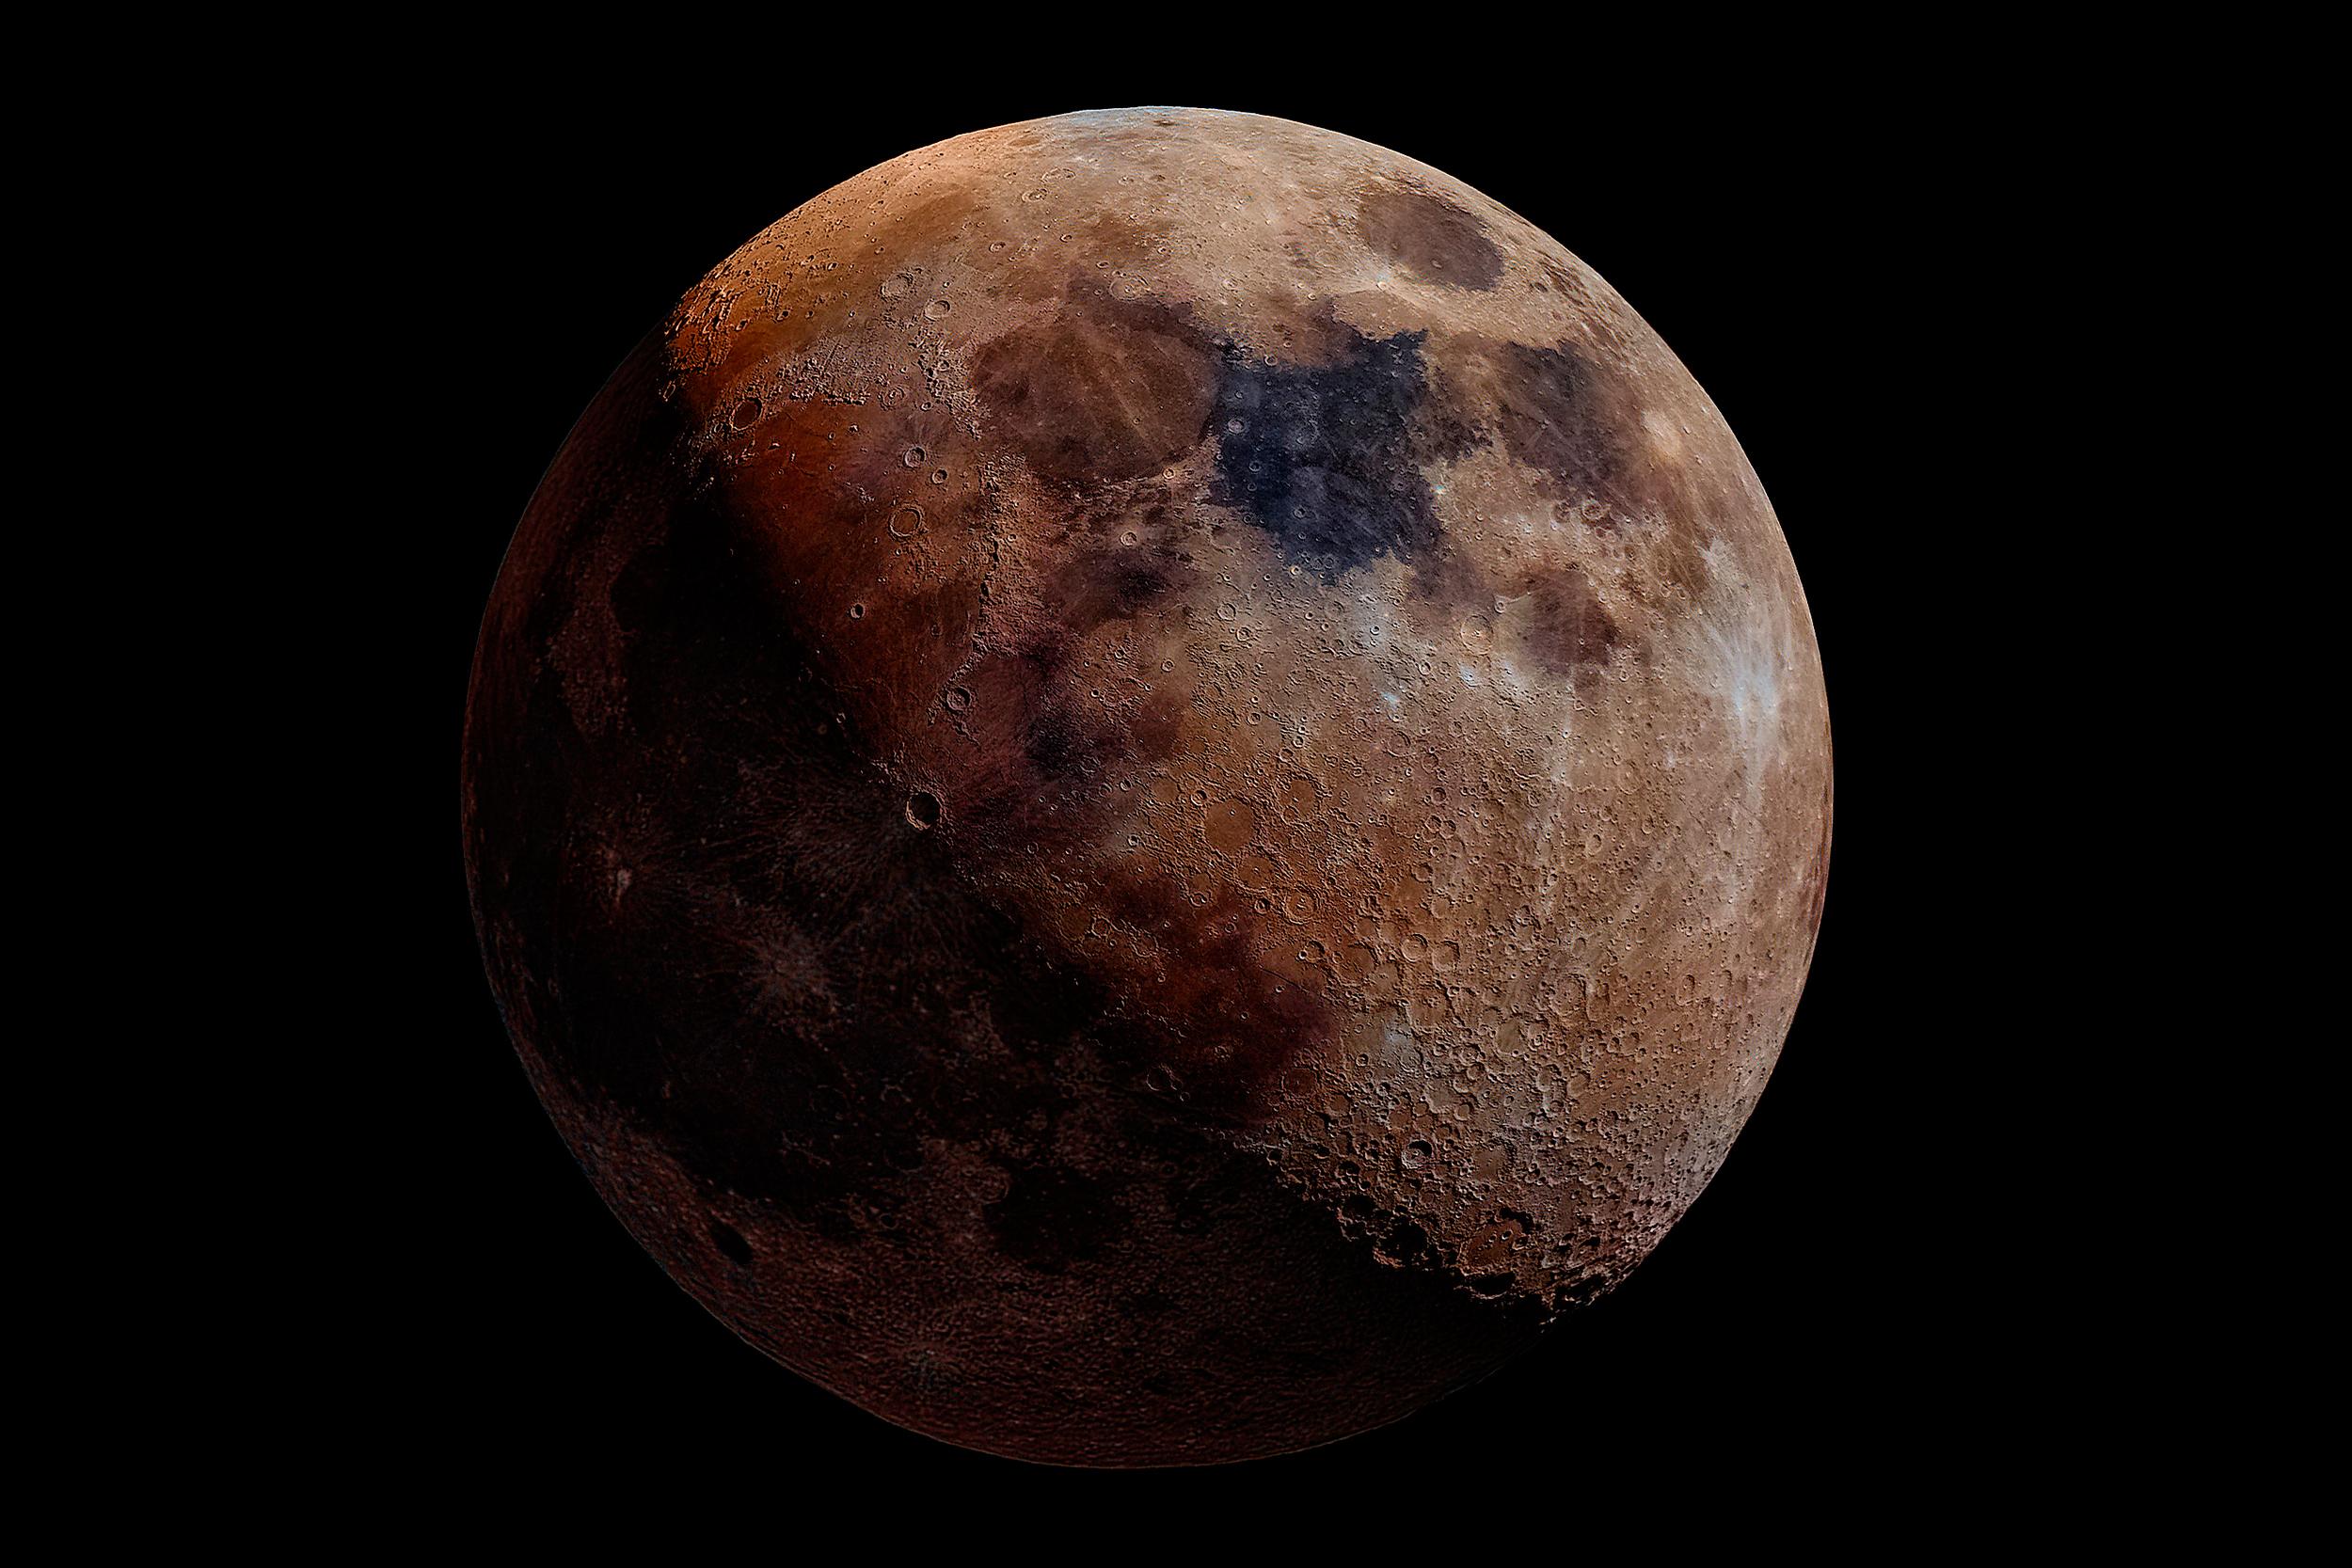 феи присмотрела фото луны из космоса высокого разрешения страхи полетов